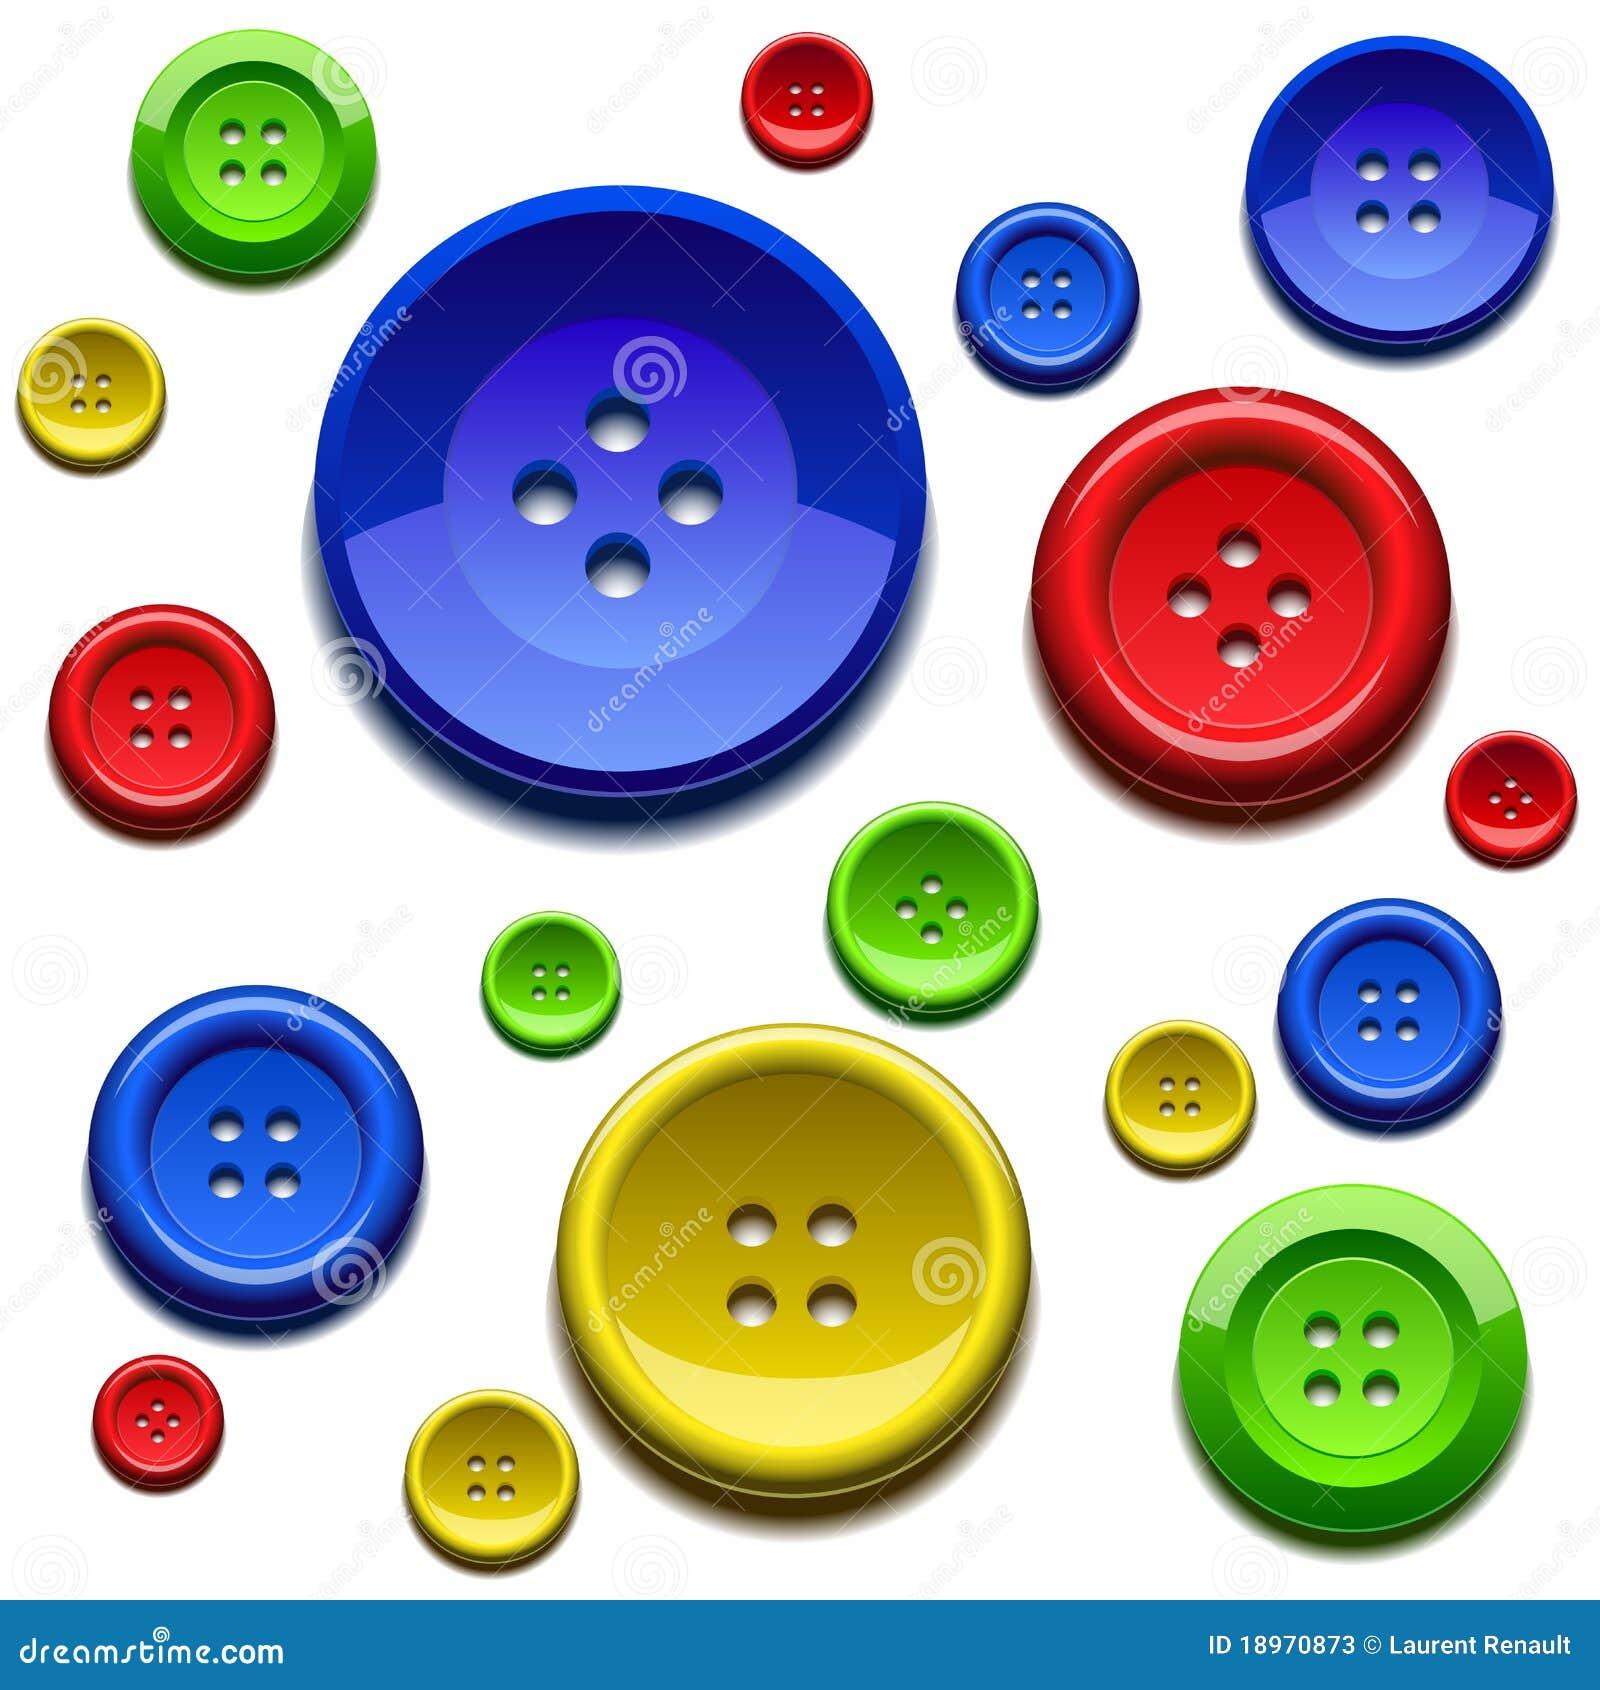 Botones Ilustraciones Stock, Vectores, Y Clipart – (90,093 ...